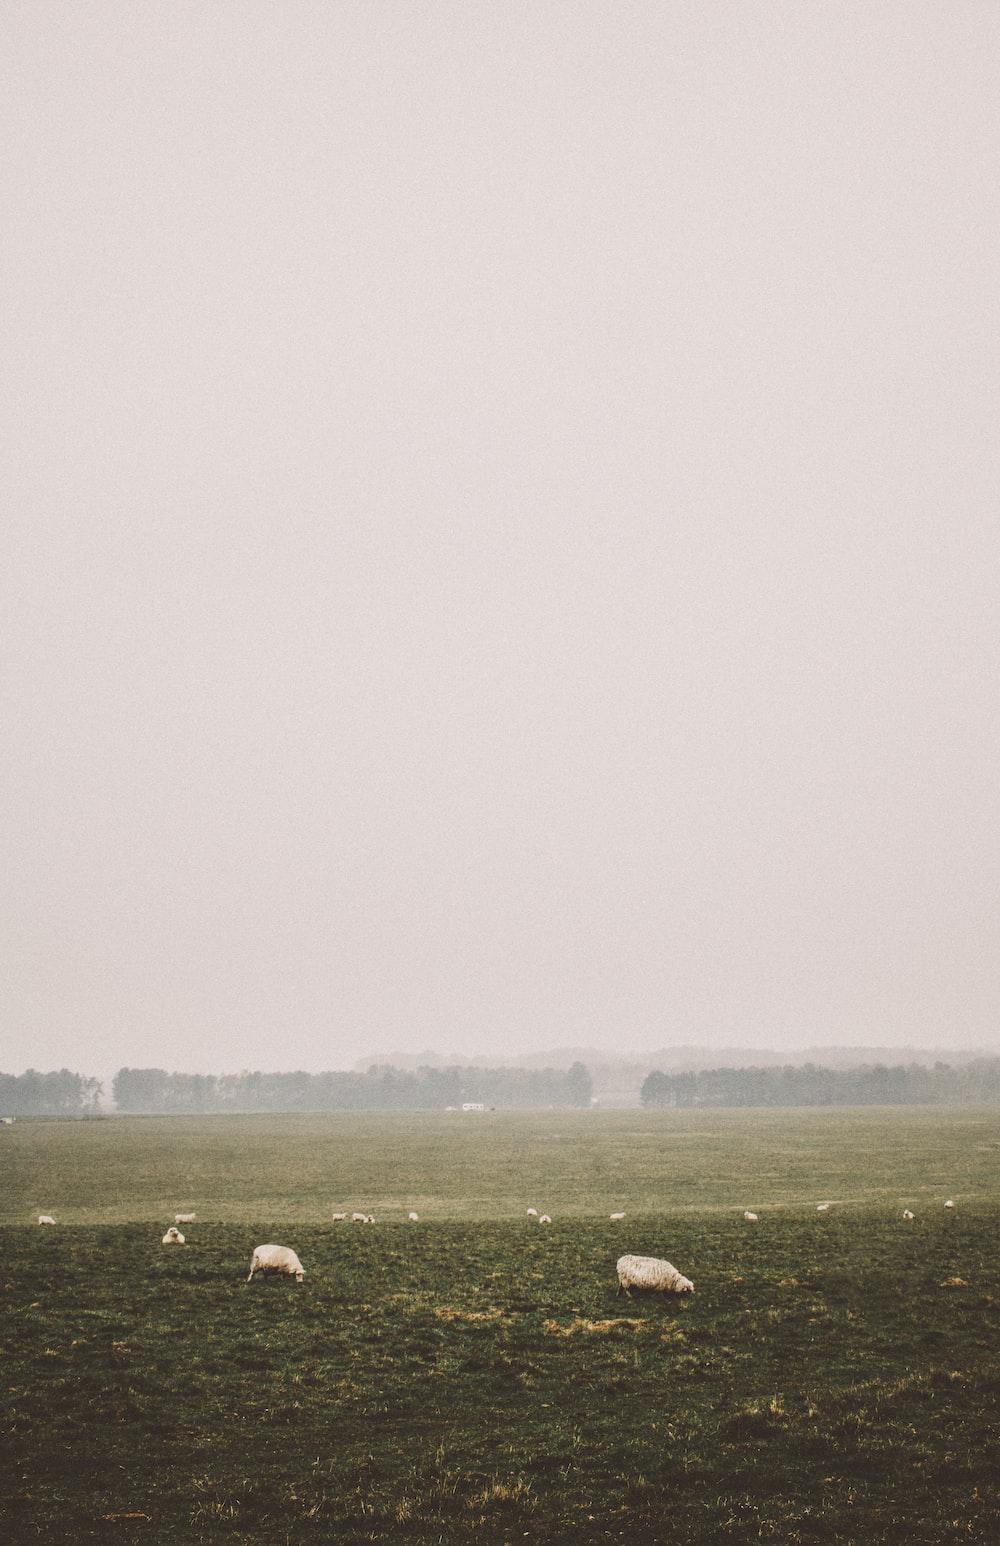 green open field on foggy season